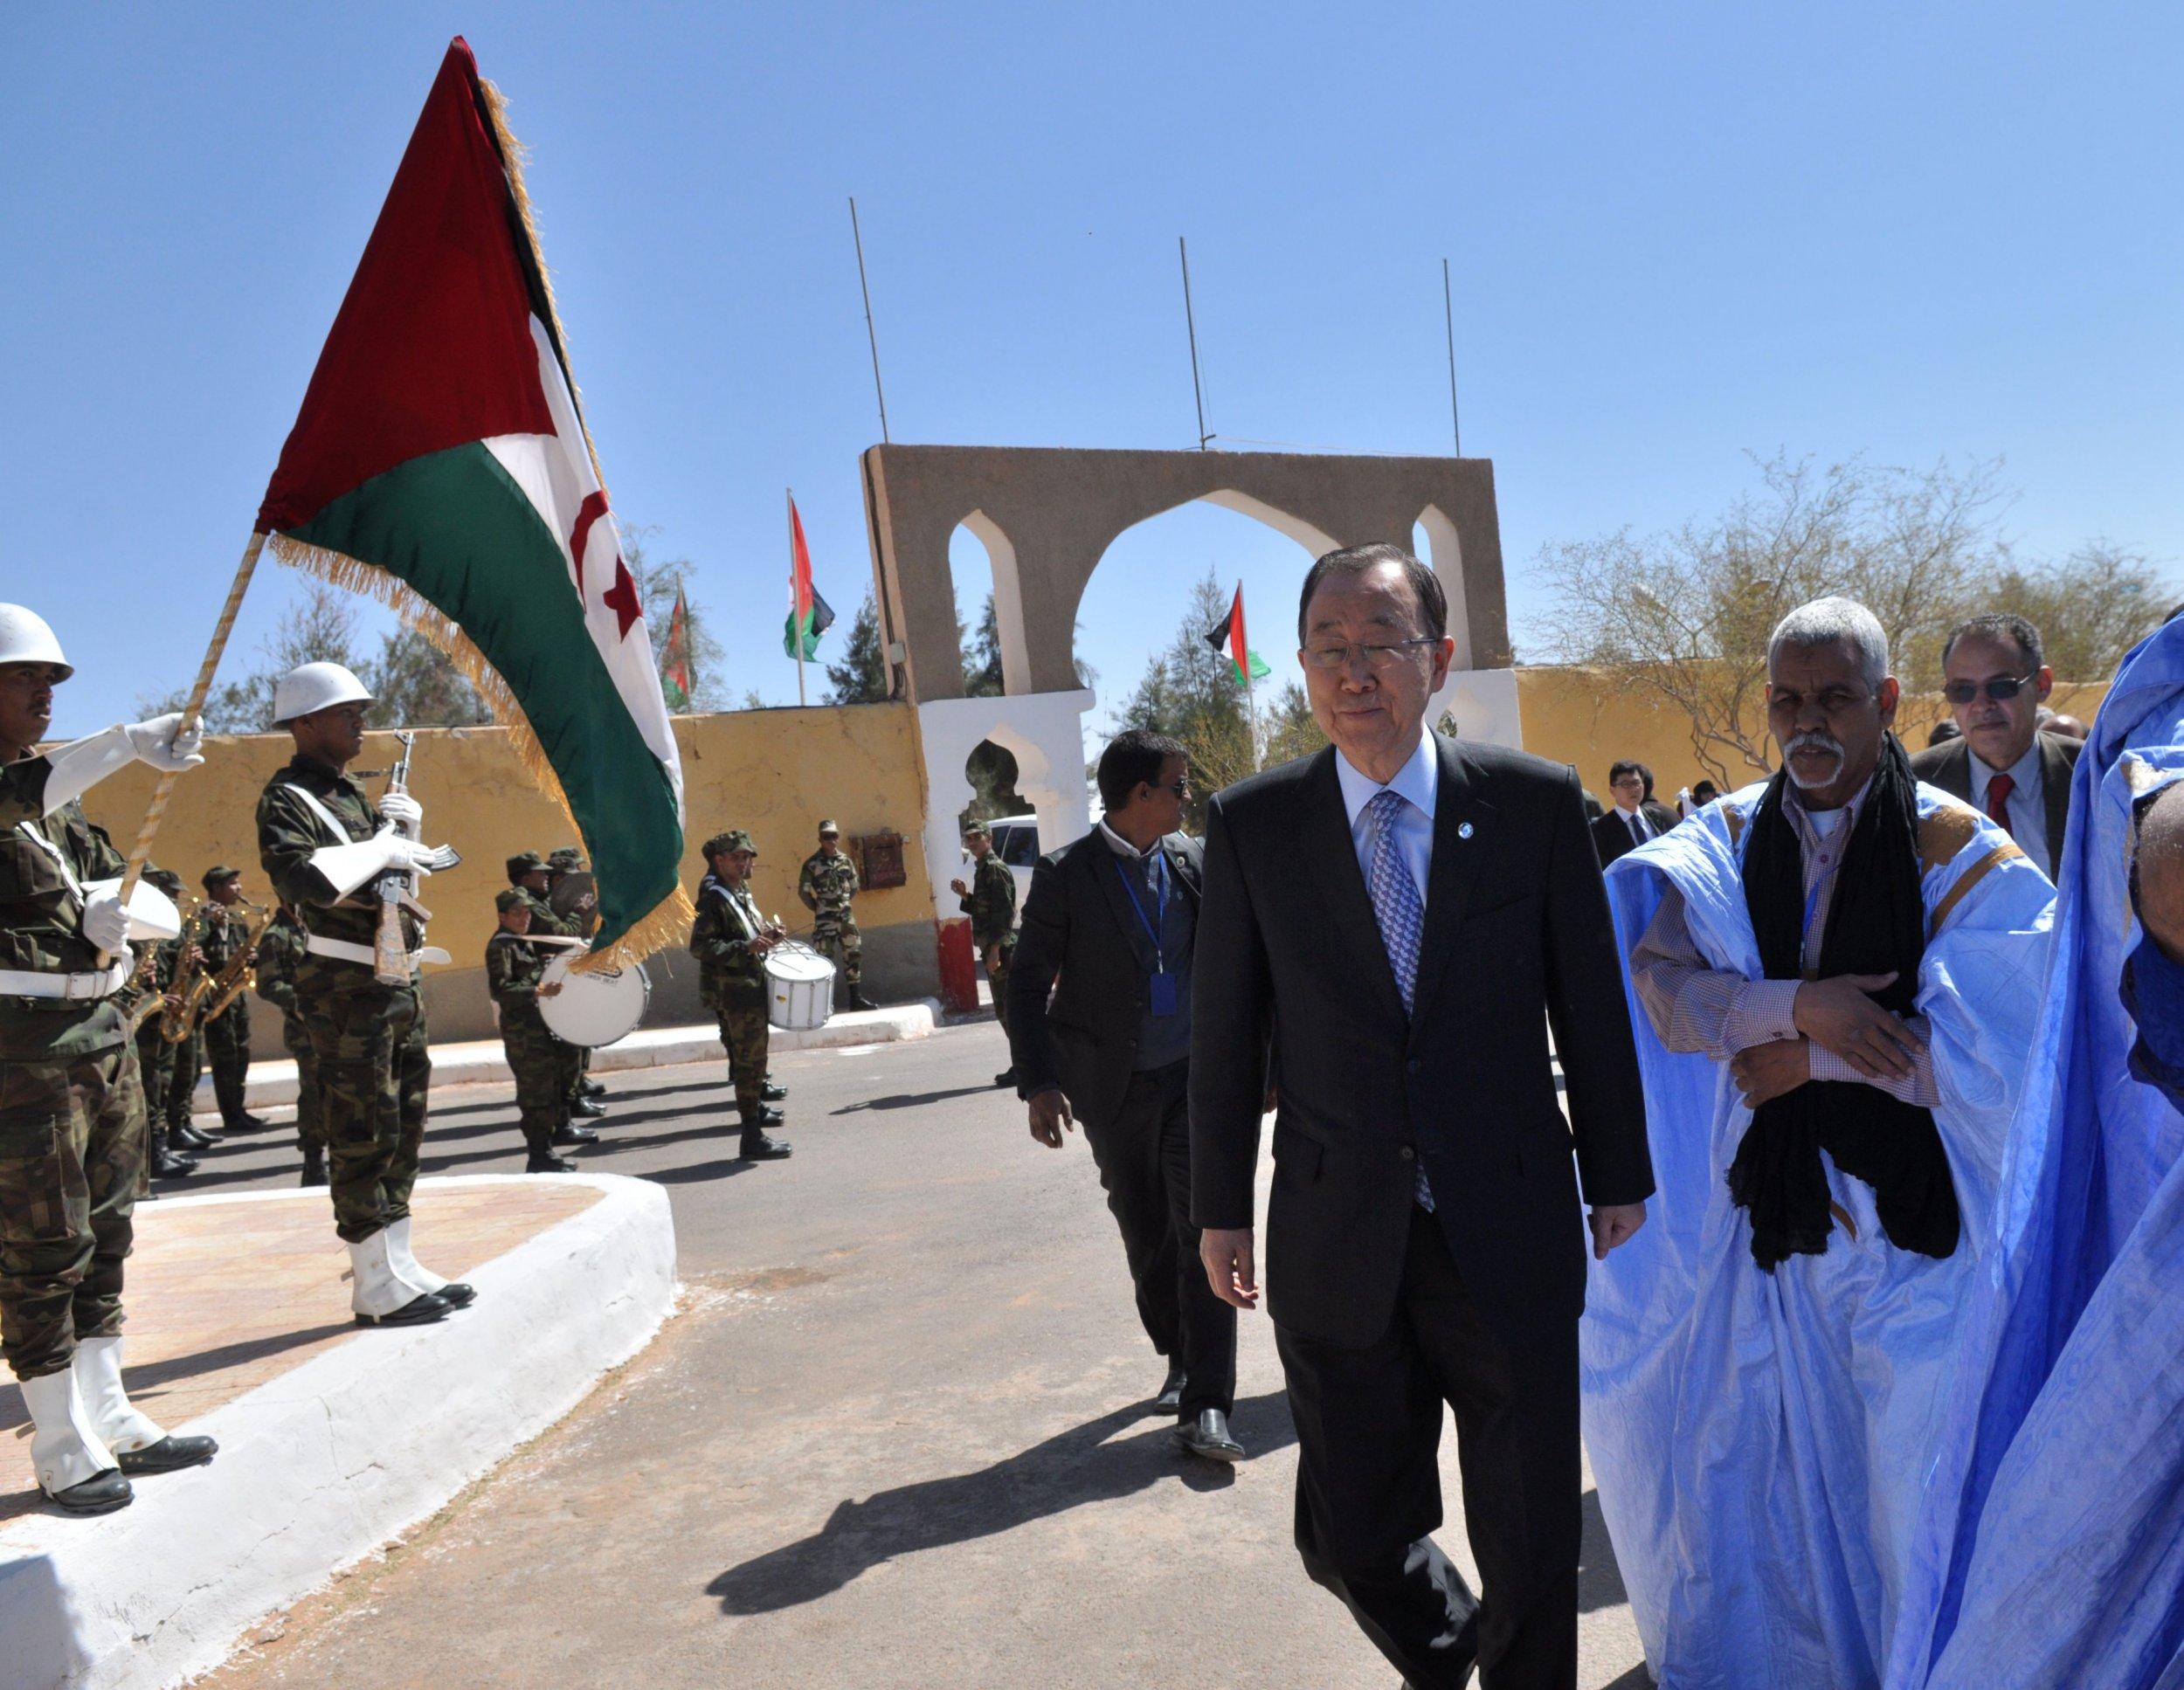 Ban Ki-moon visits Sahrawi refugees in Tindouf.